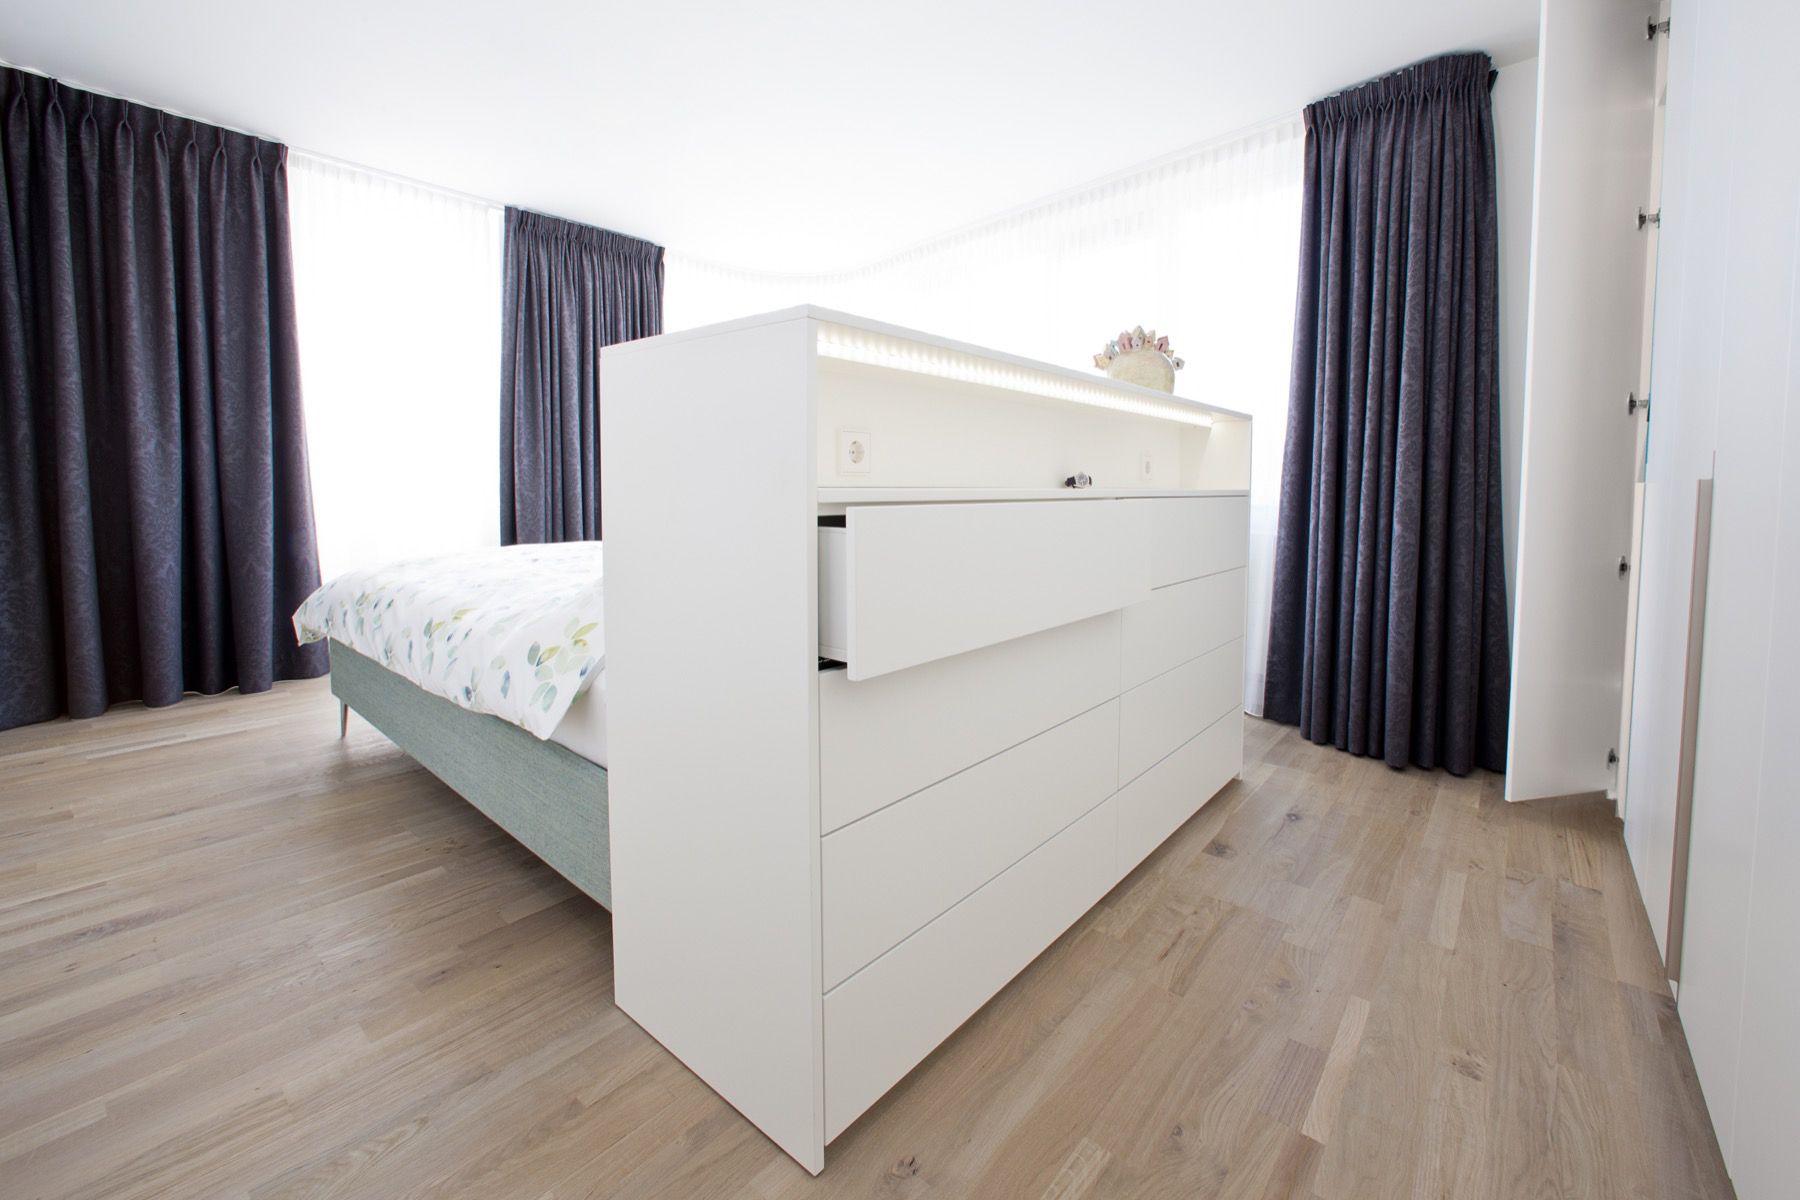 Ontwerp van functionele en stijlvolle slaapkamer indeling for Kamer indelen tips